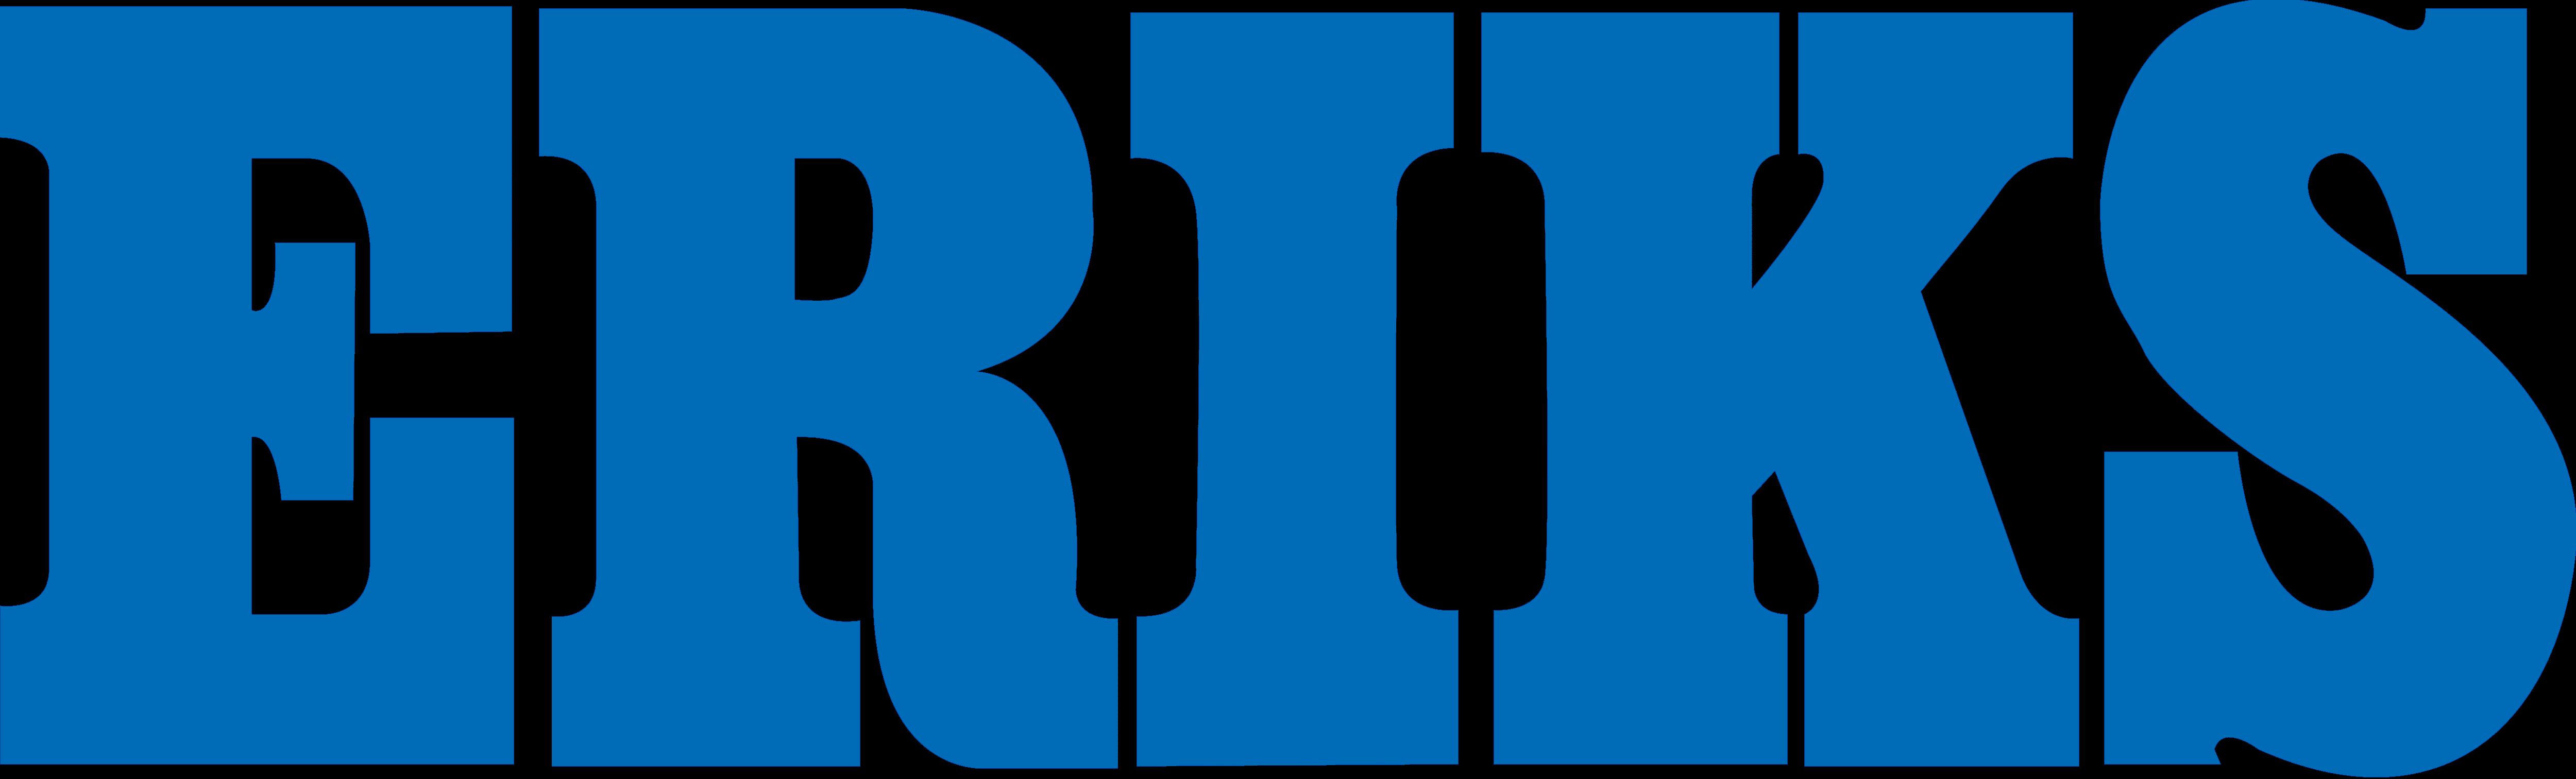 Eriks_logo